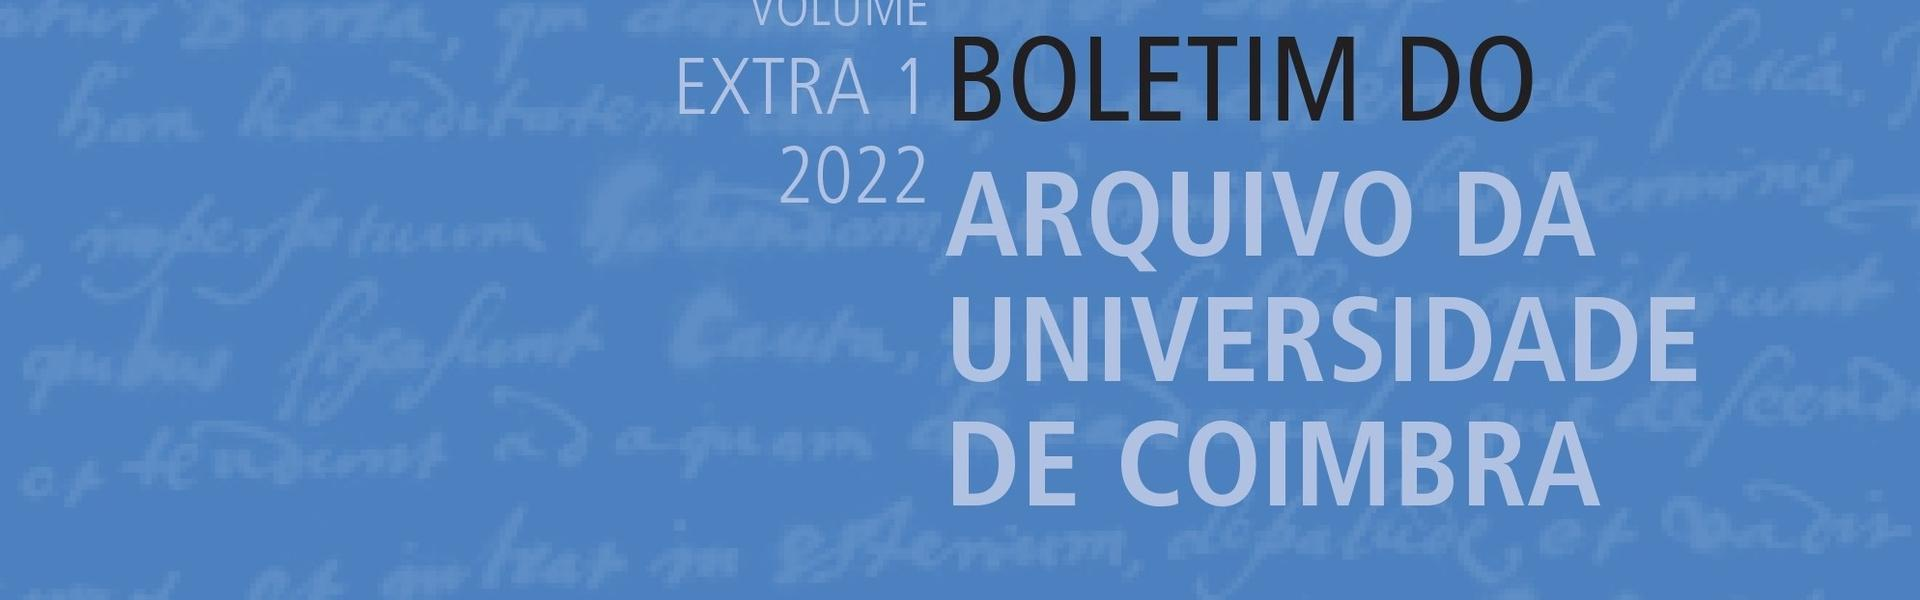 Publicação do Vol. XXXIII, n.º 1 do BAUC